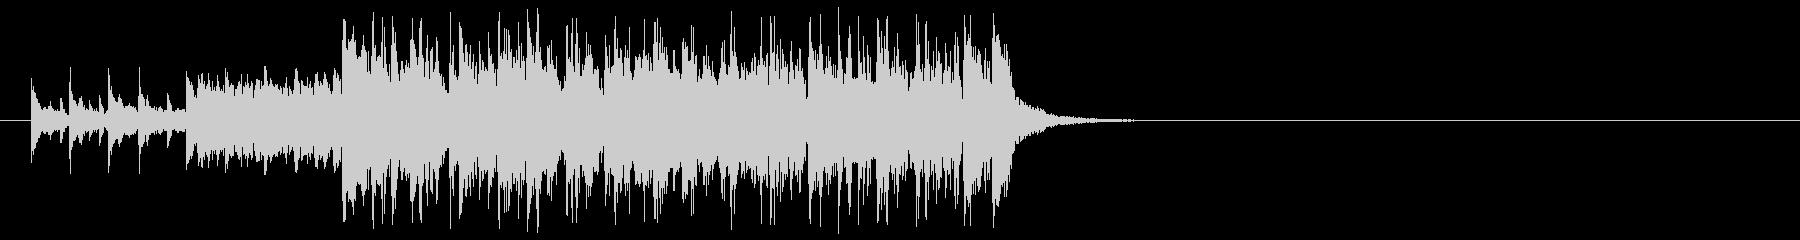 楽しいピアノのラテン系ジングルの未再生の波形